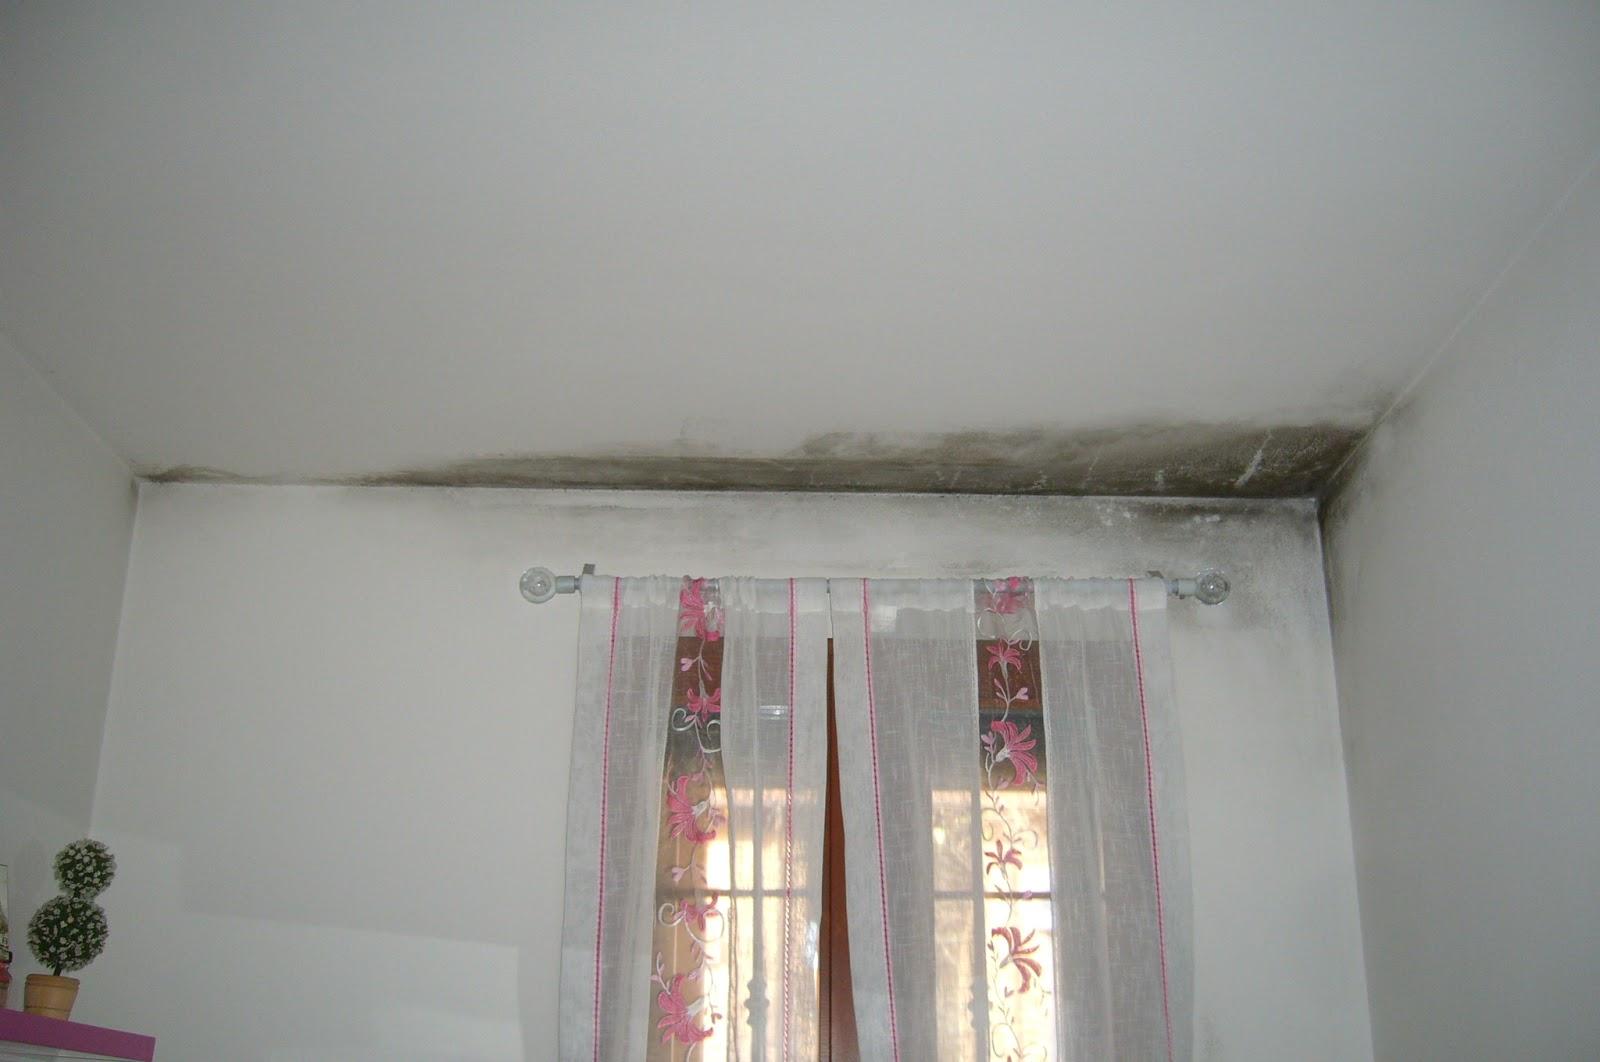 Umidita In Camera Da Letto.Unlavorodamaestri Il Blog Inquinamento Aria Indoor Umidita E Muffe